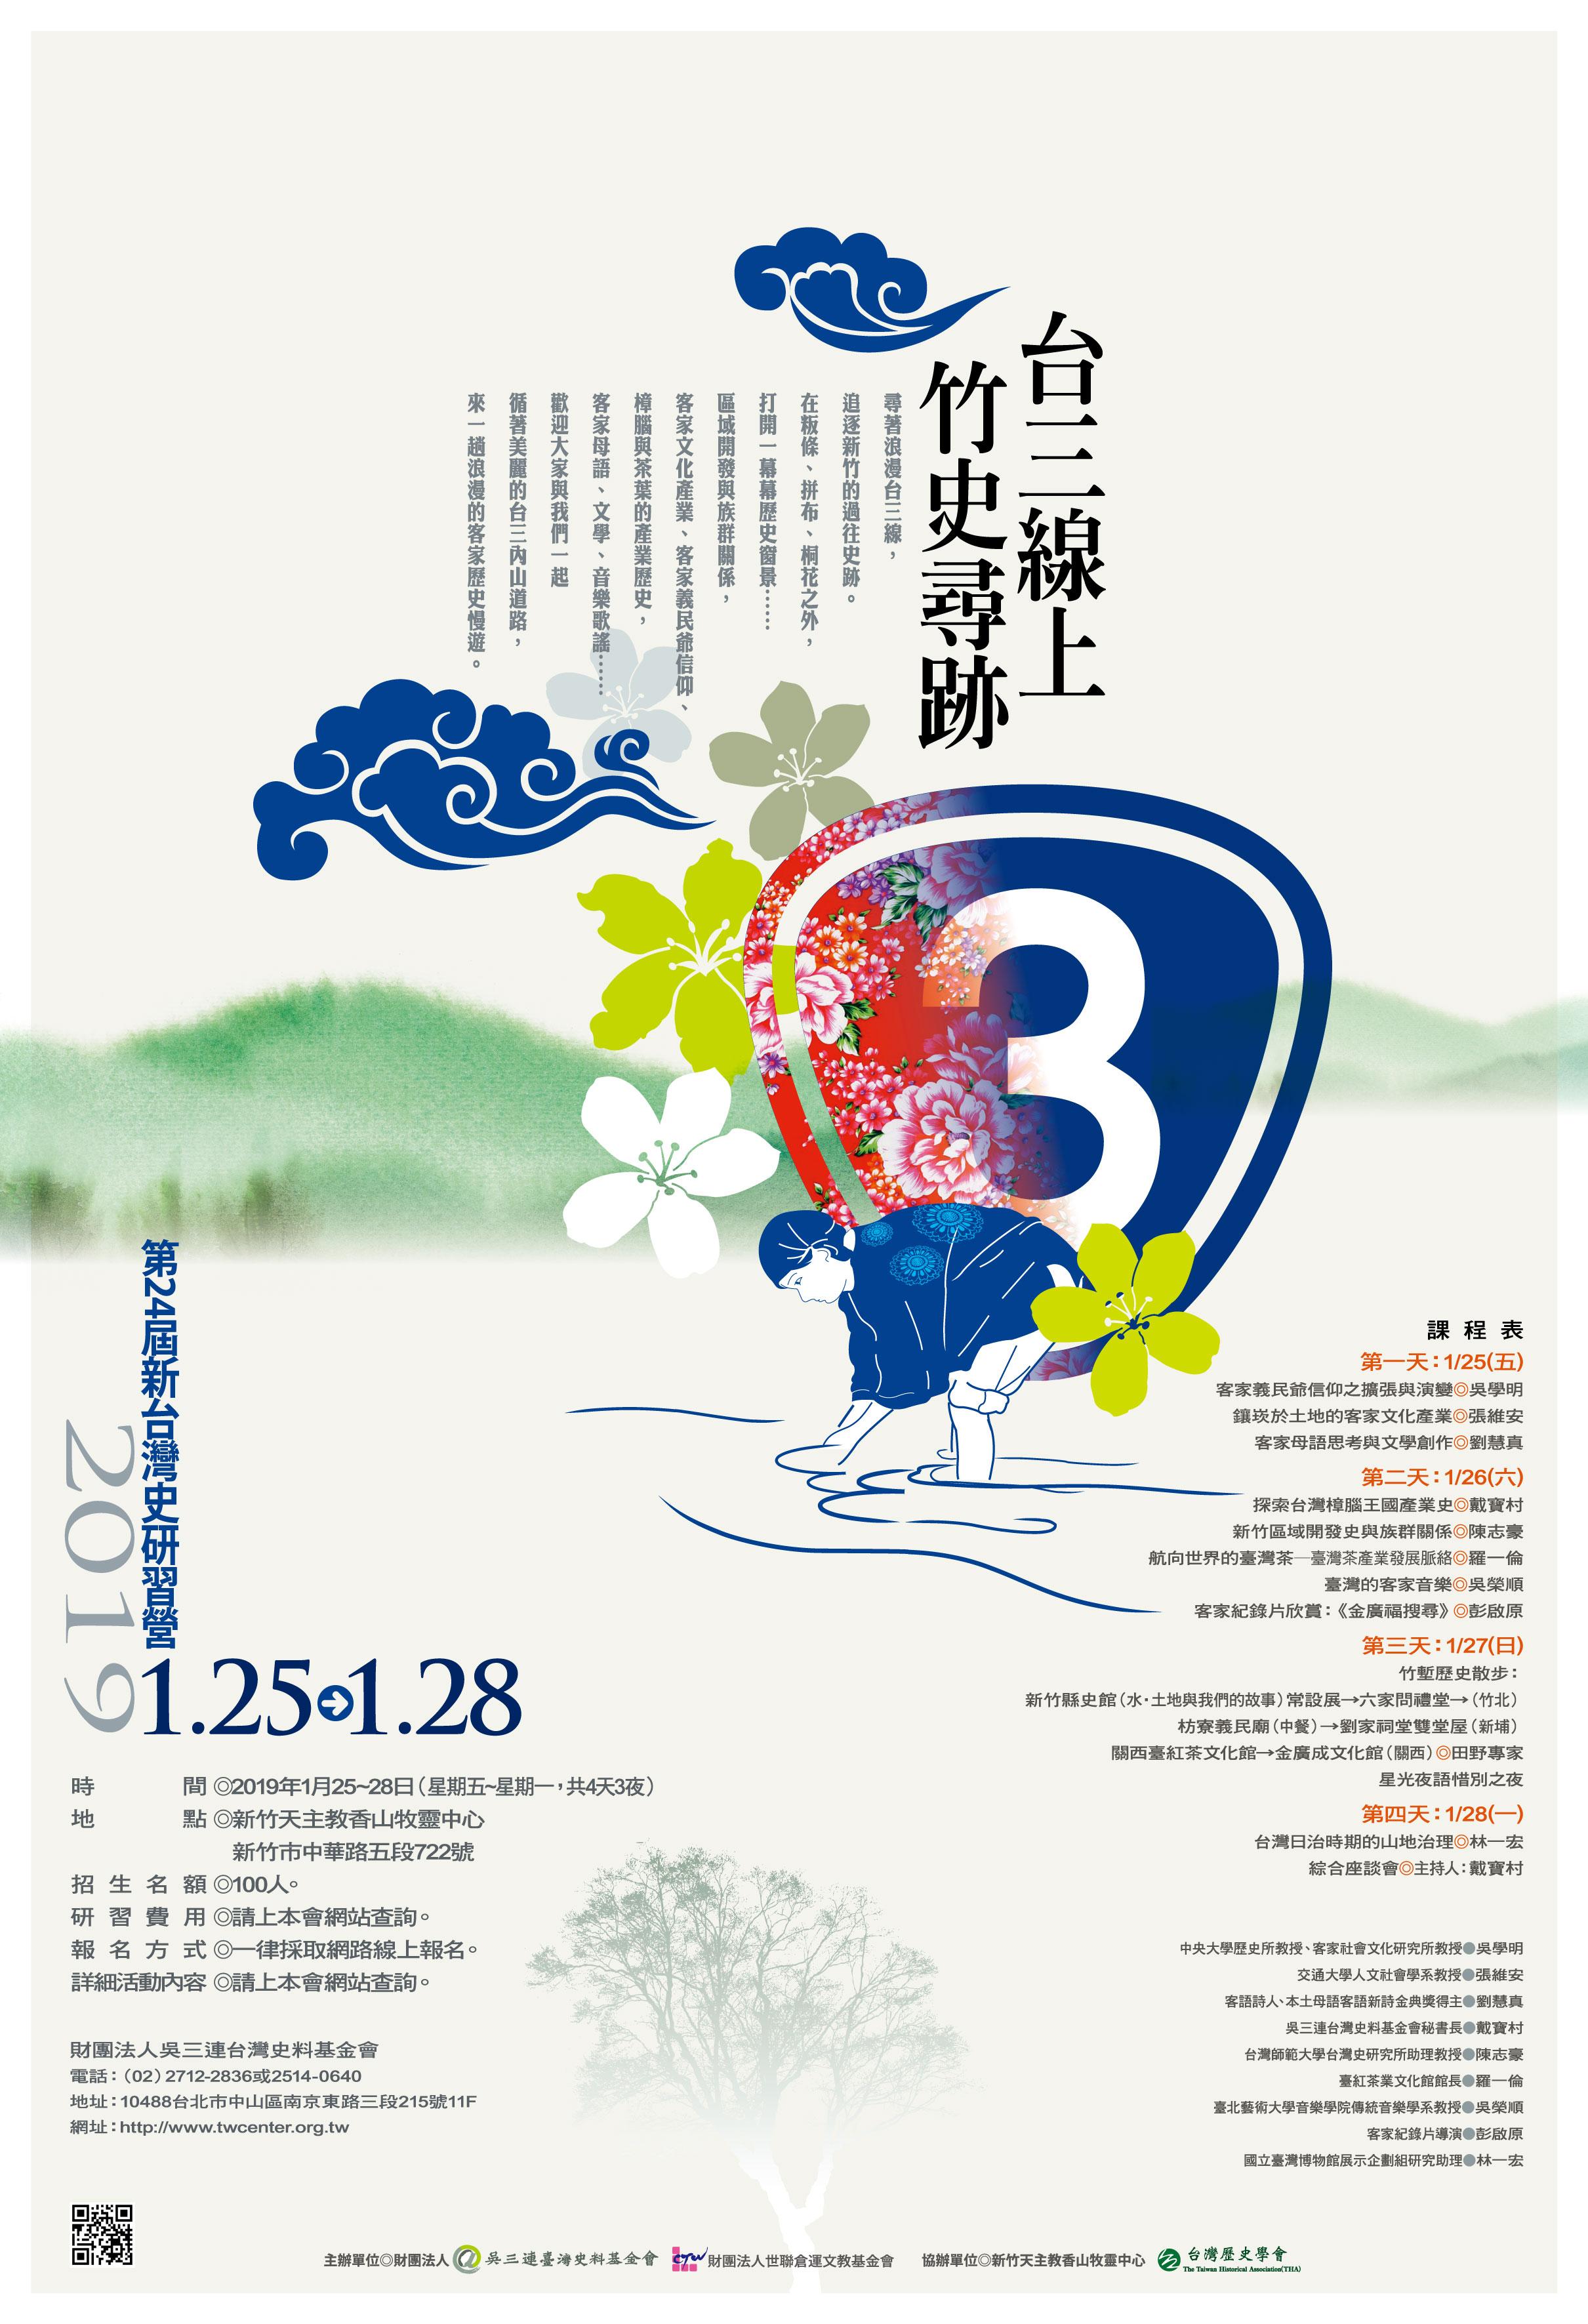 第24屆新台灣史研習營 @ 新竹天主教香山牧靈中心